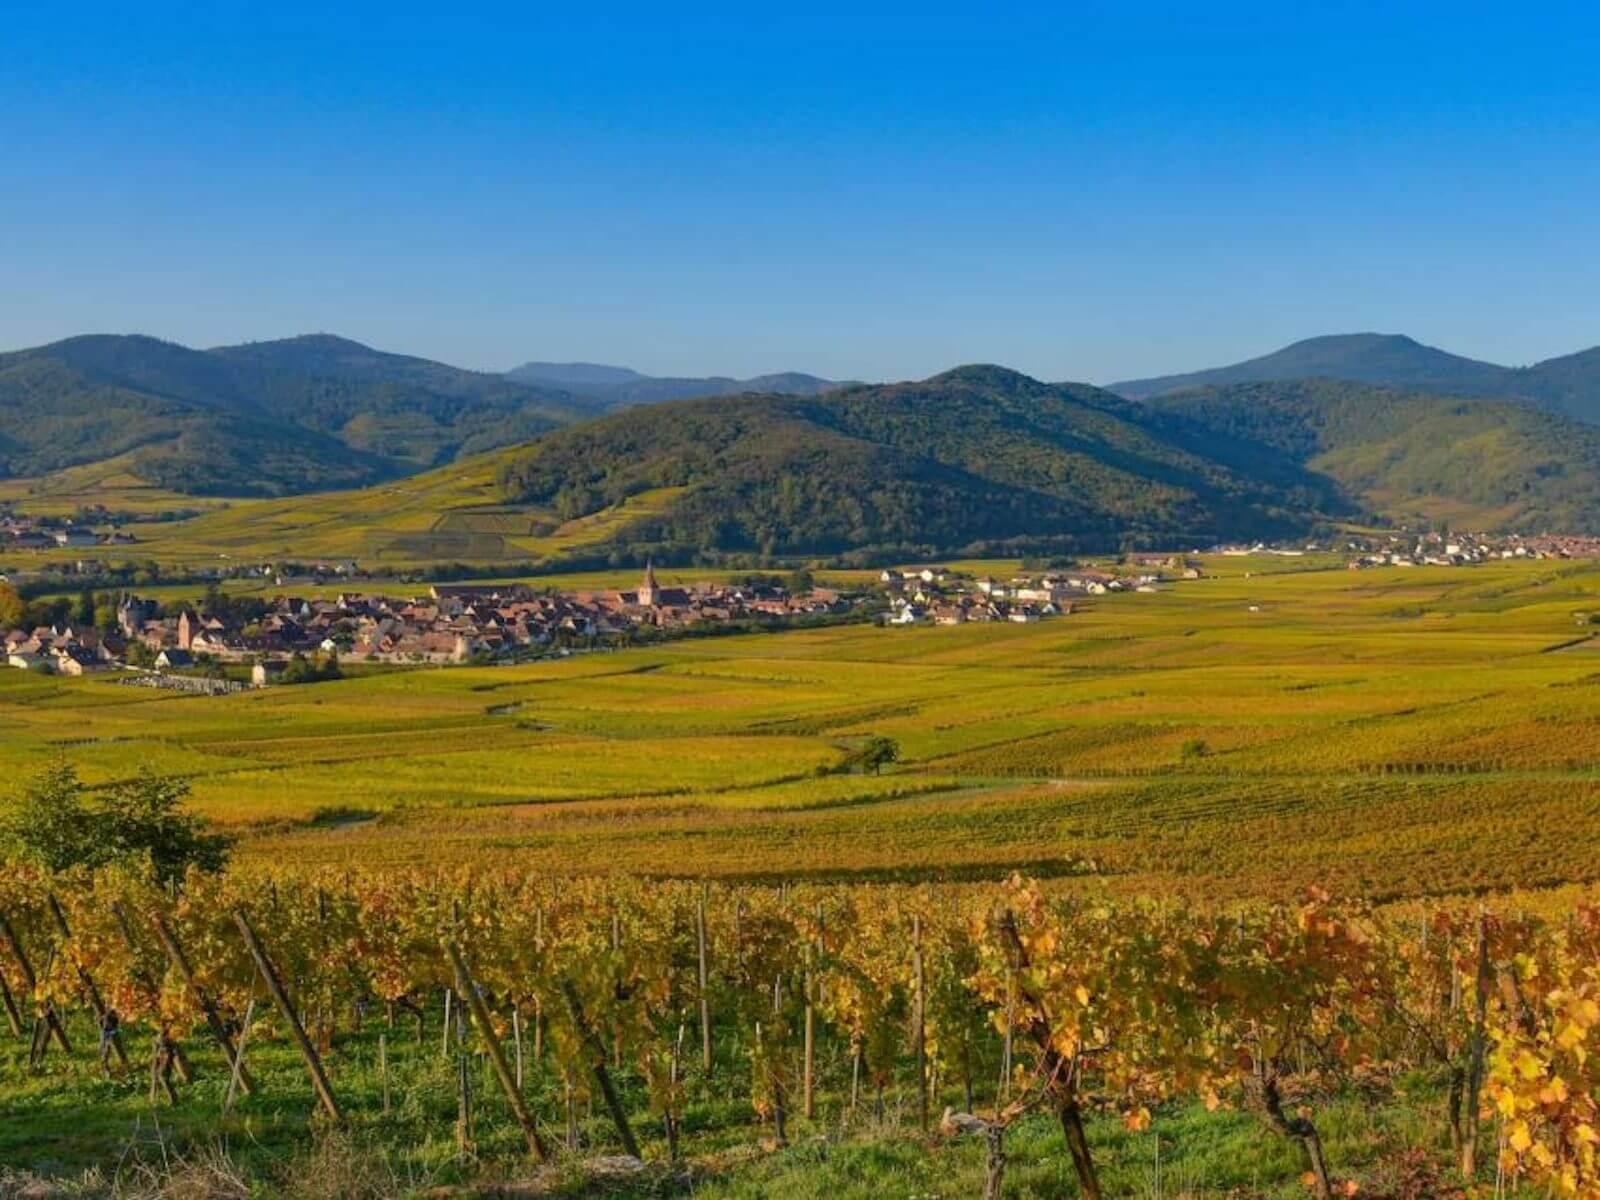 Mini-rallye - Découverte du vignoble et des vins